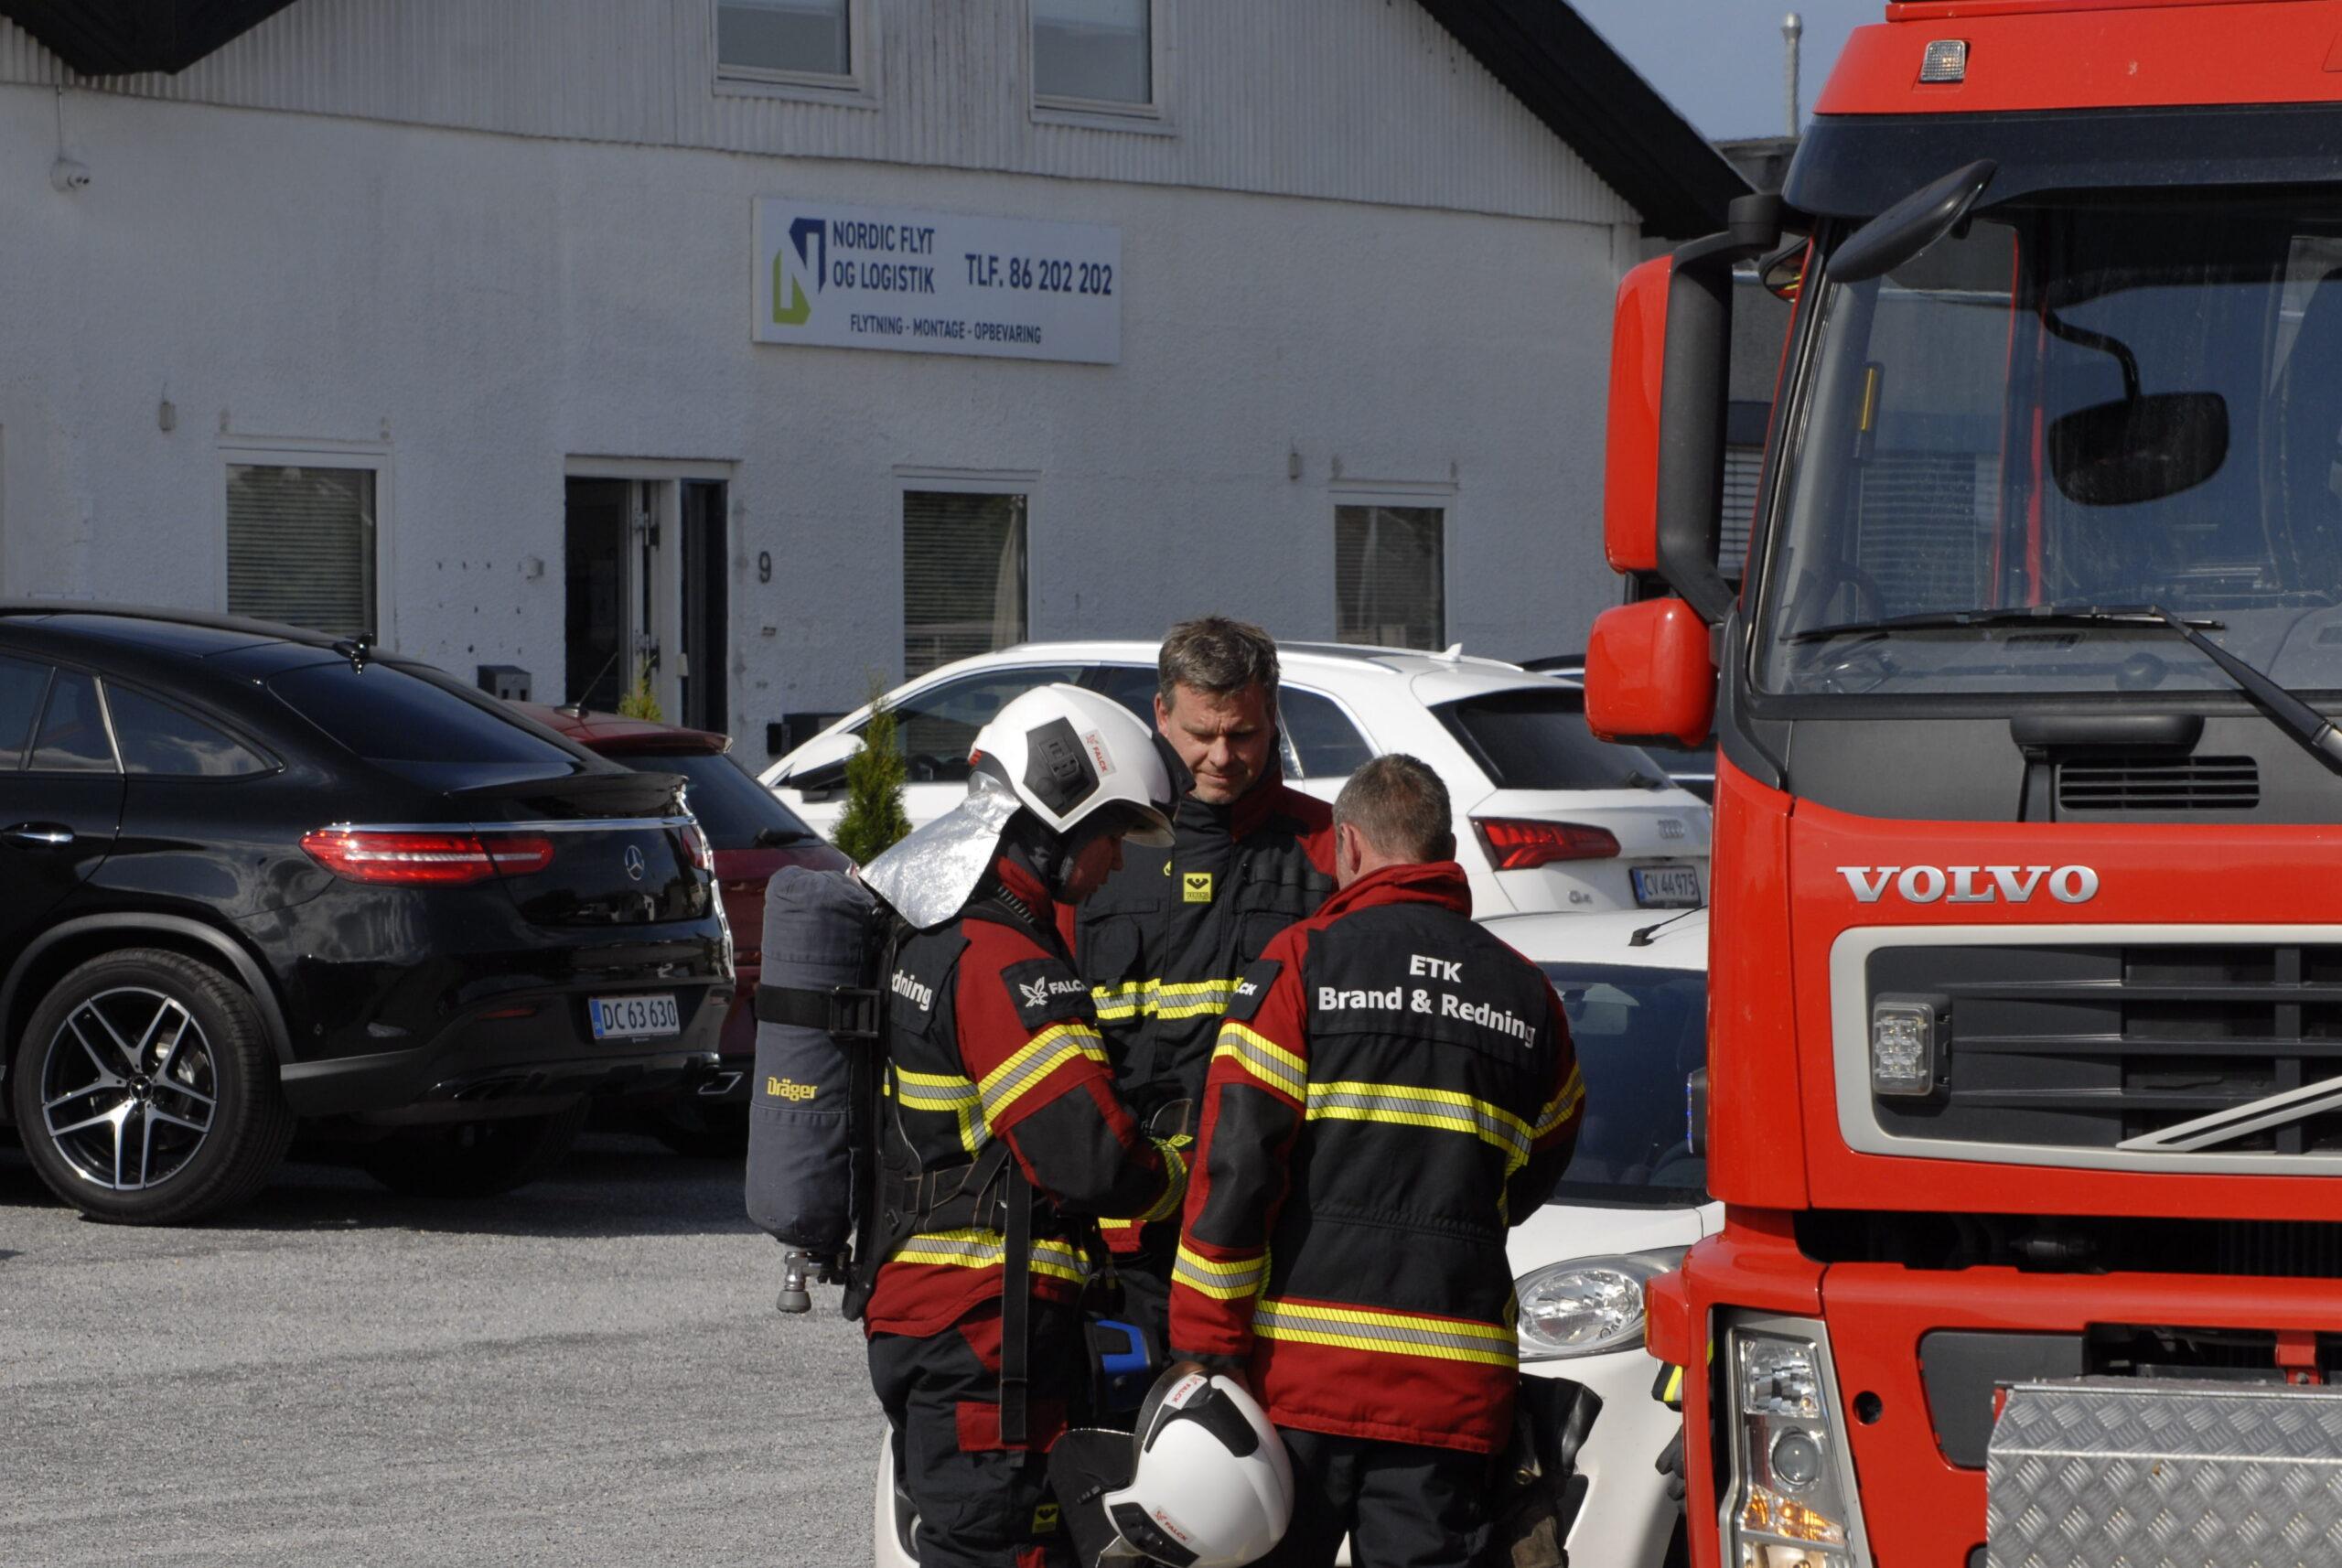 Bygningsbrand startet af ukrudtsbrænder